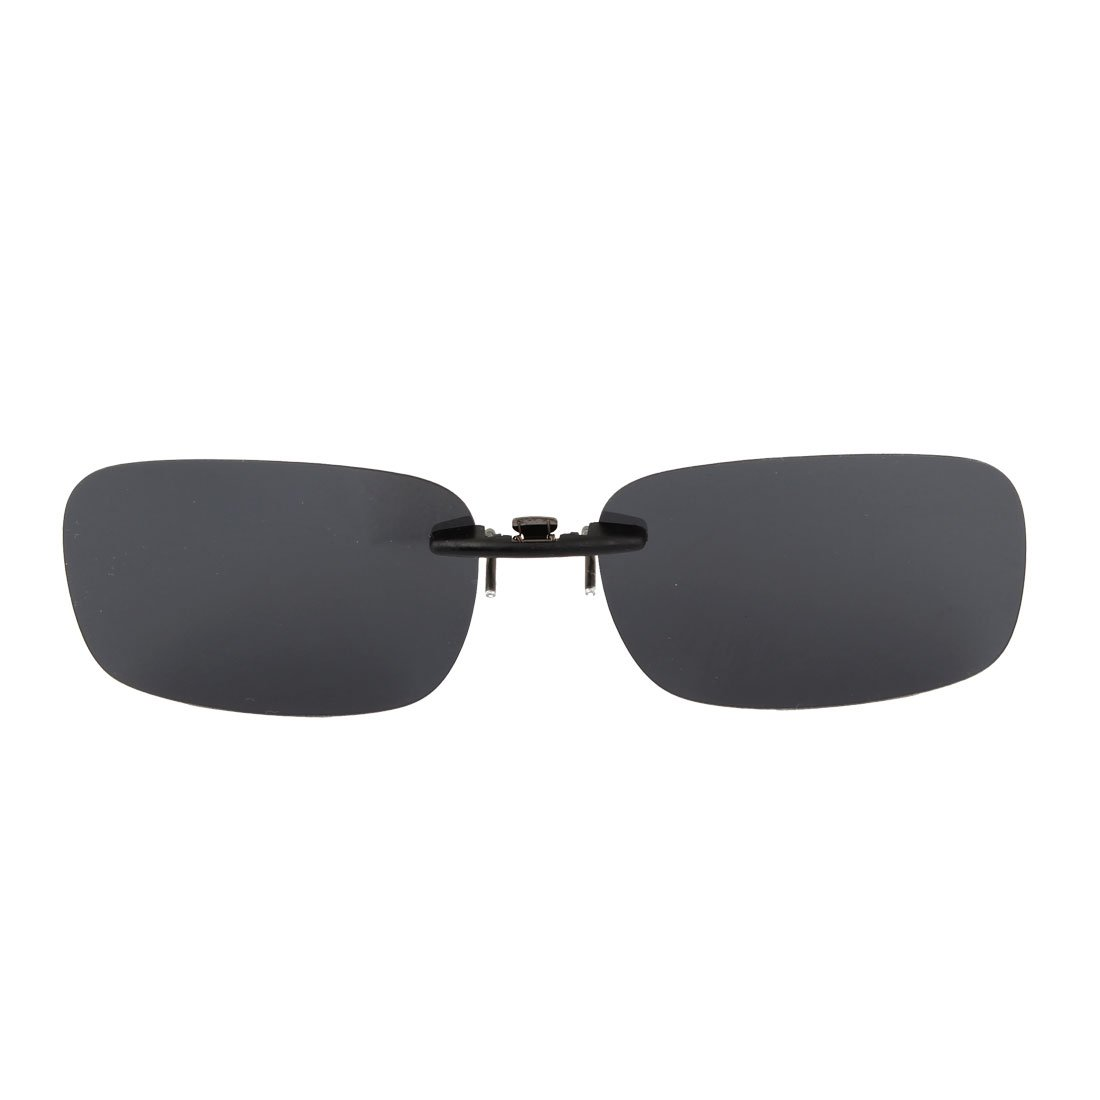 Gafas de sol Lentes unisexo gris plástico para pesca correr clip polarizado